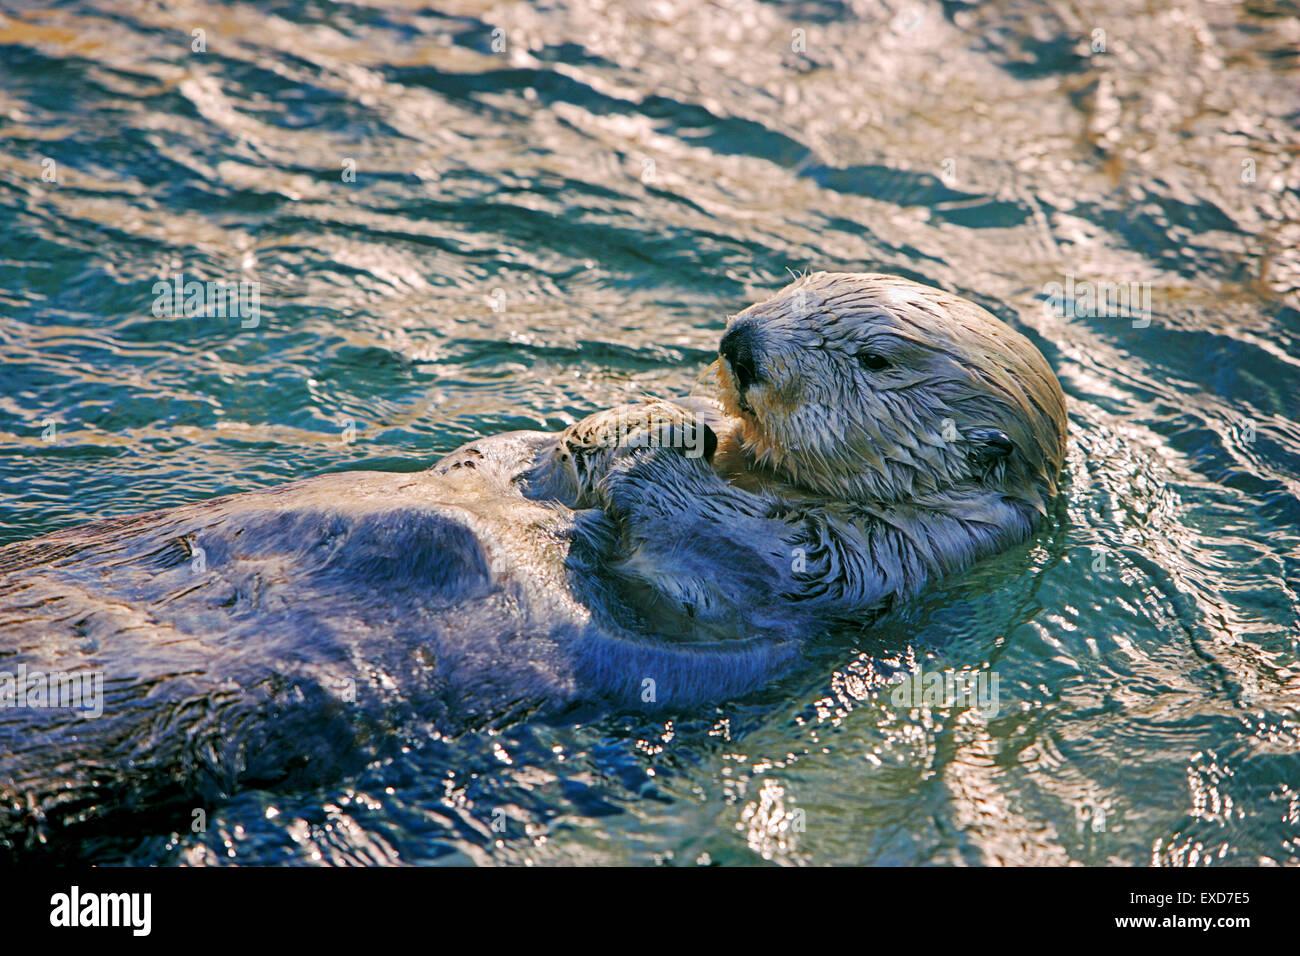 Sea Otter schwimmt auf dem Rücken, Abendsonne Stockbild